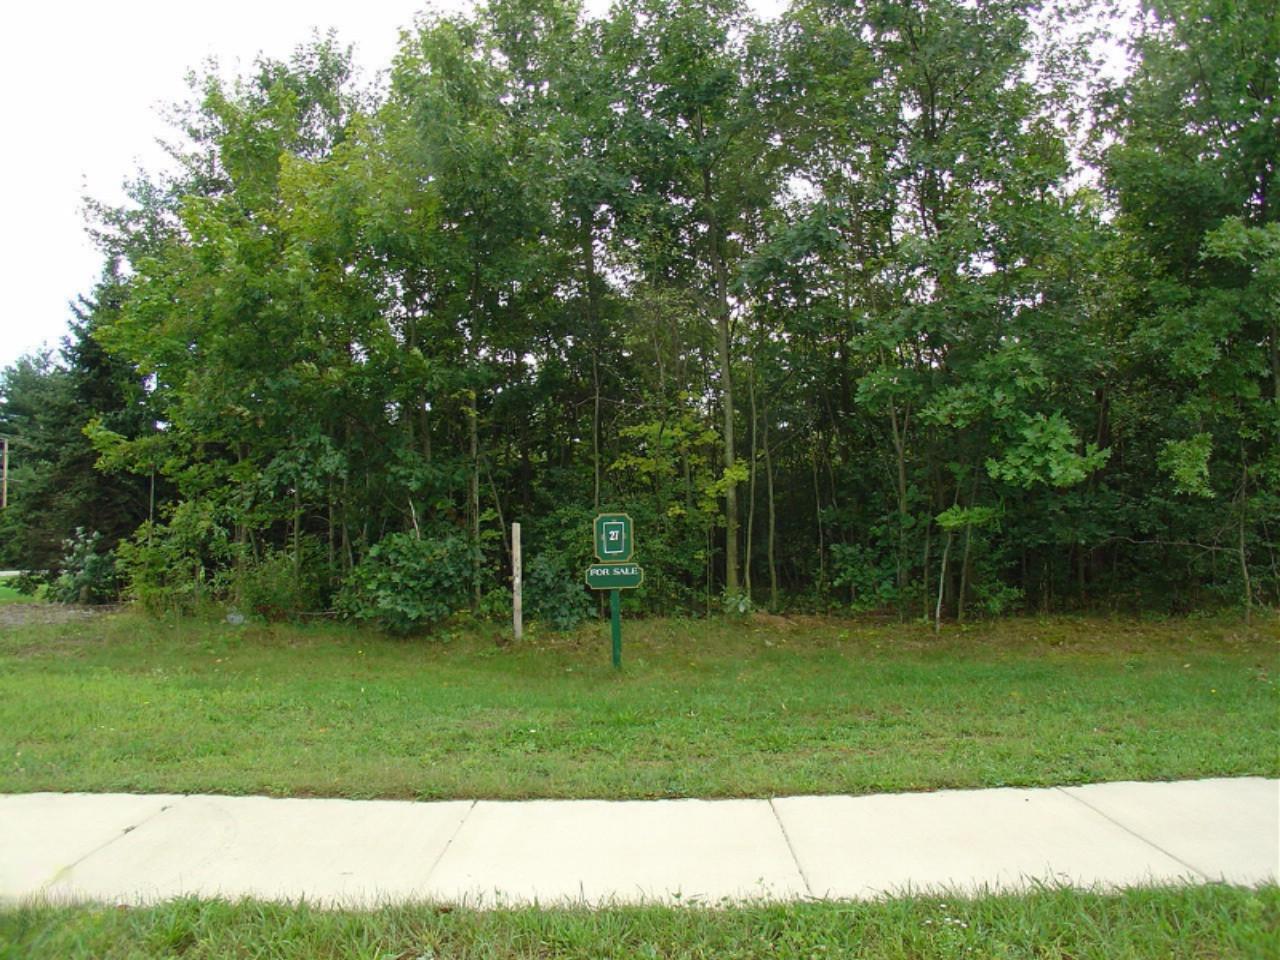 2516 Heritage Way, Stevensville MI 49127 - Photo 2